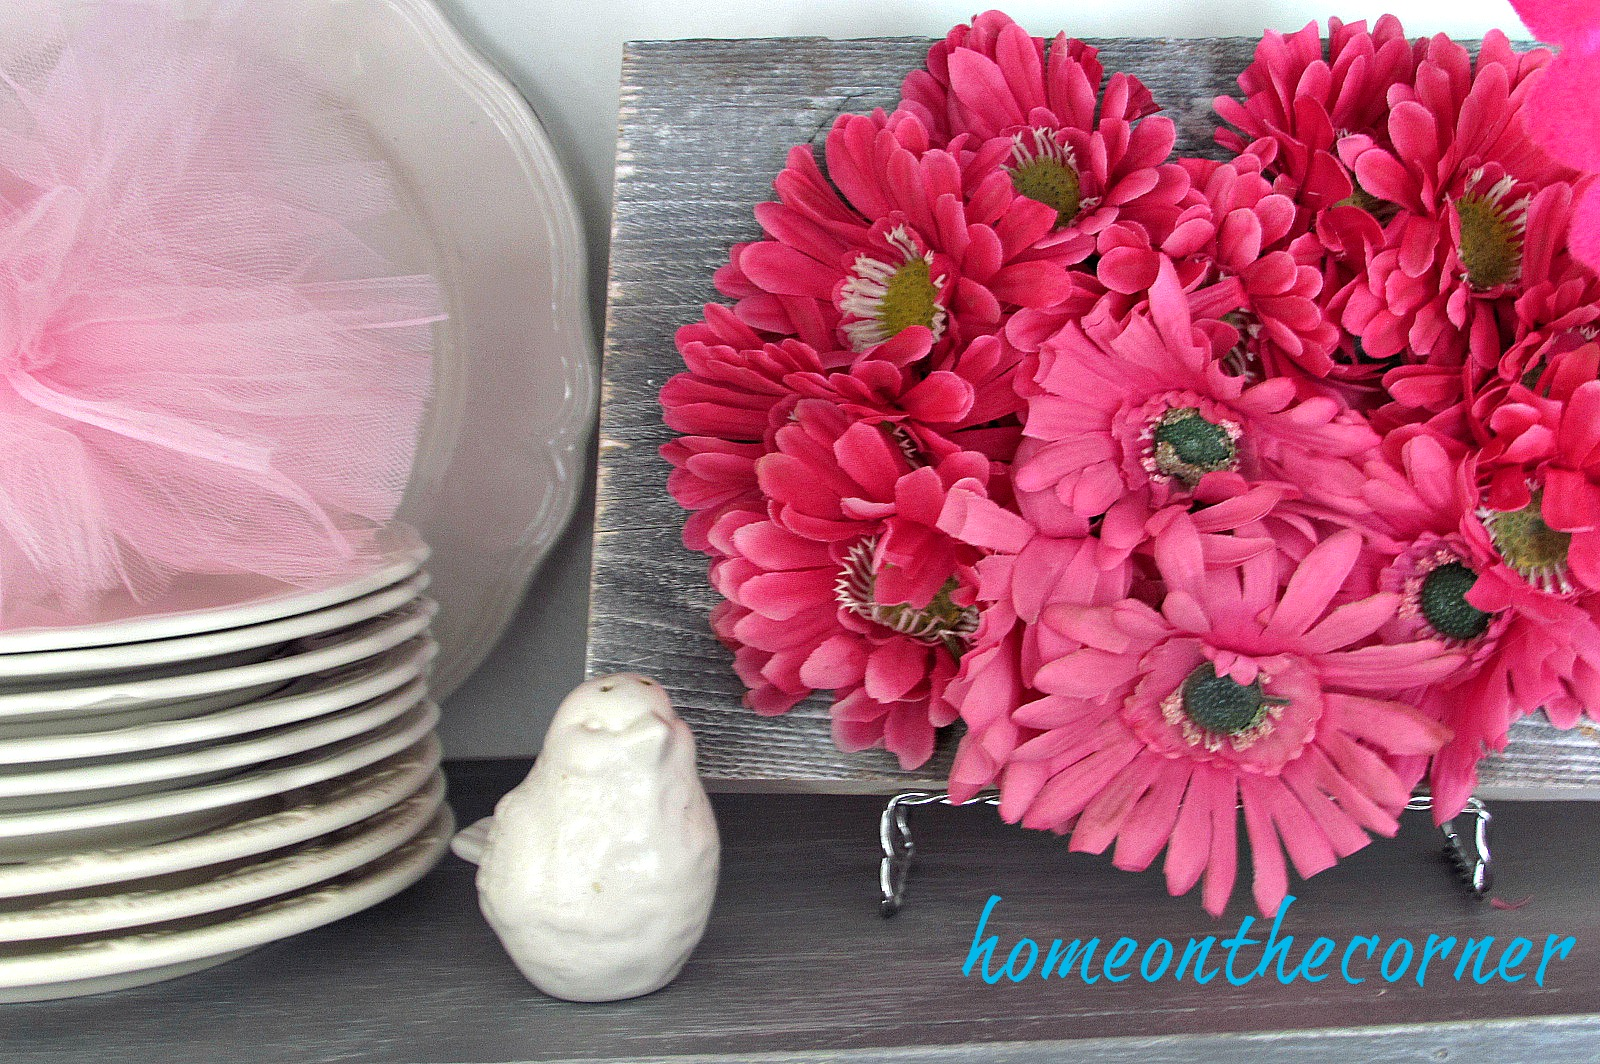 flower-valentine-pink-heart-plaque